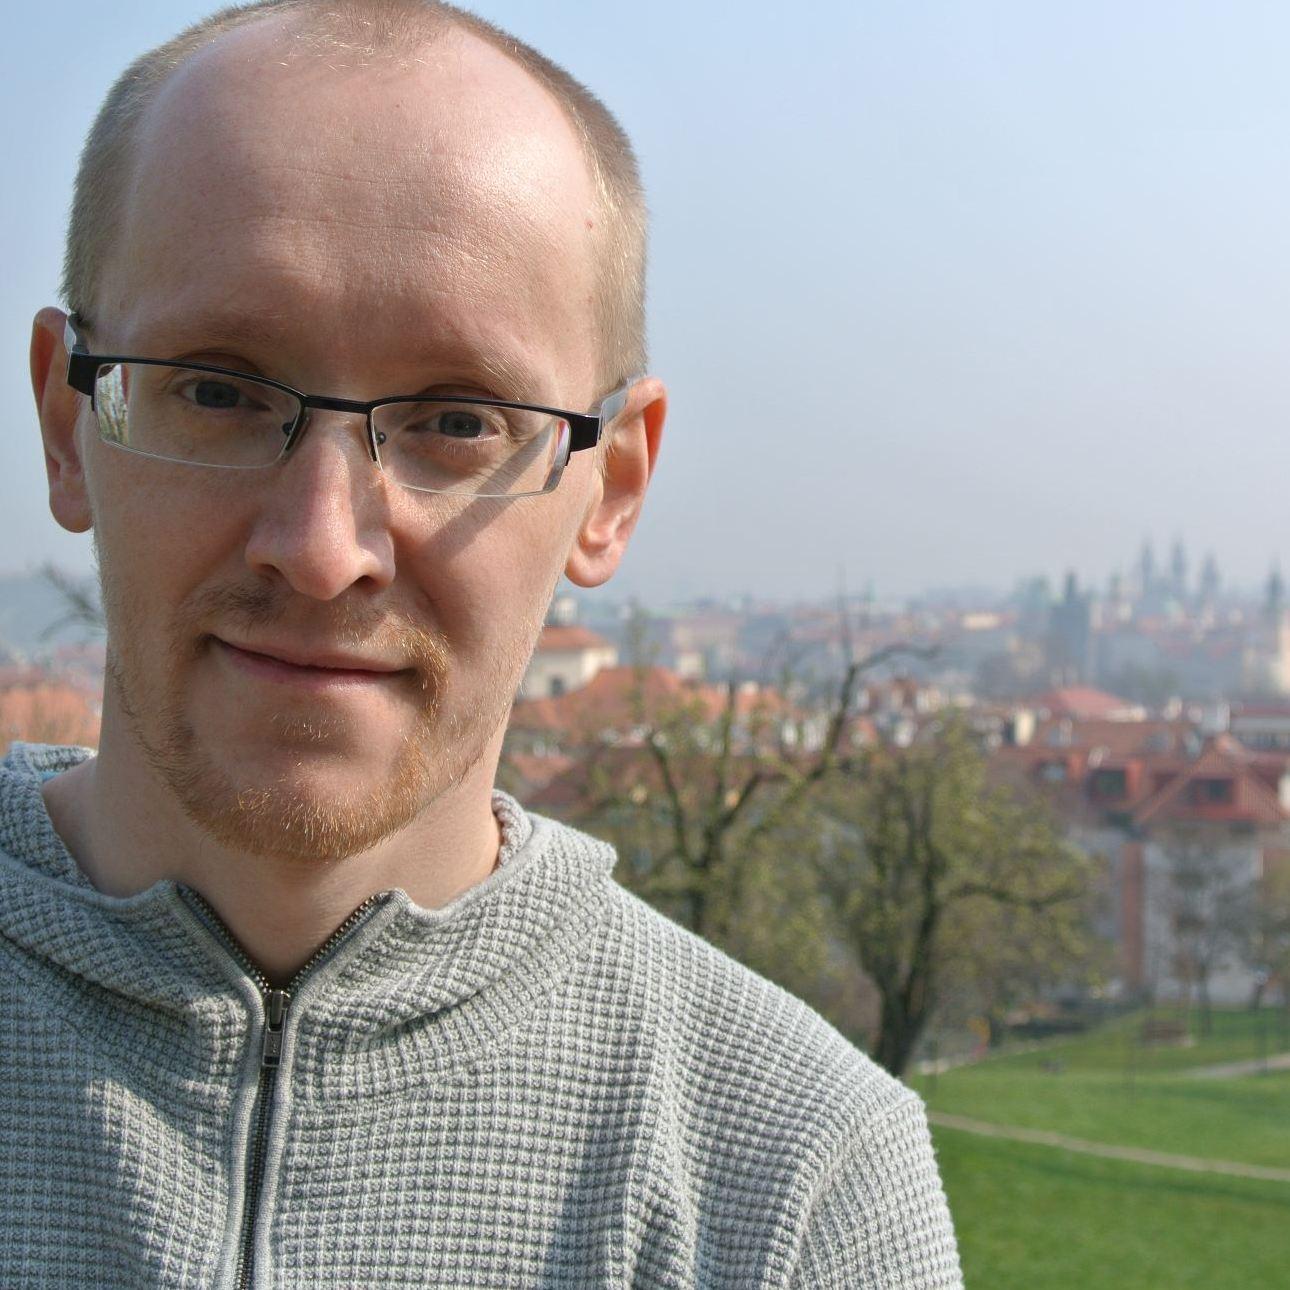 Bartek Zaborowski